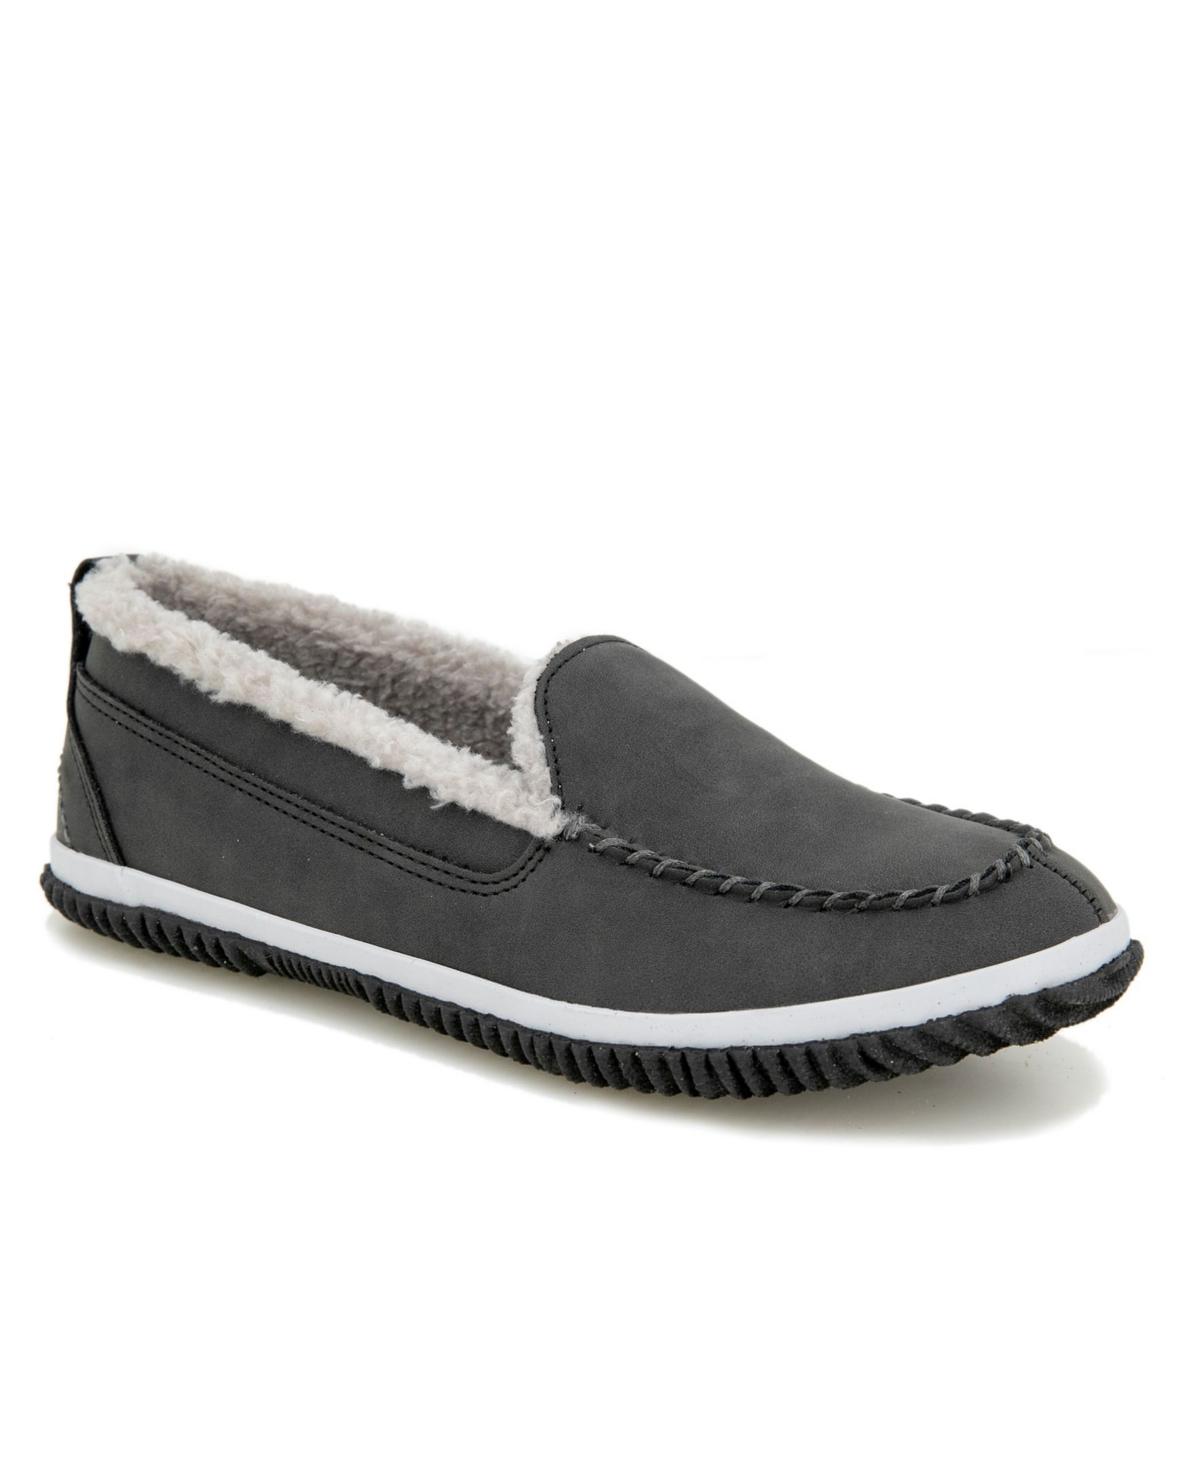 Jbu Women's Torino Casual Shoe Women's Shoes